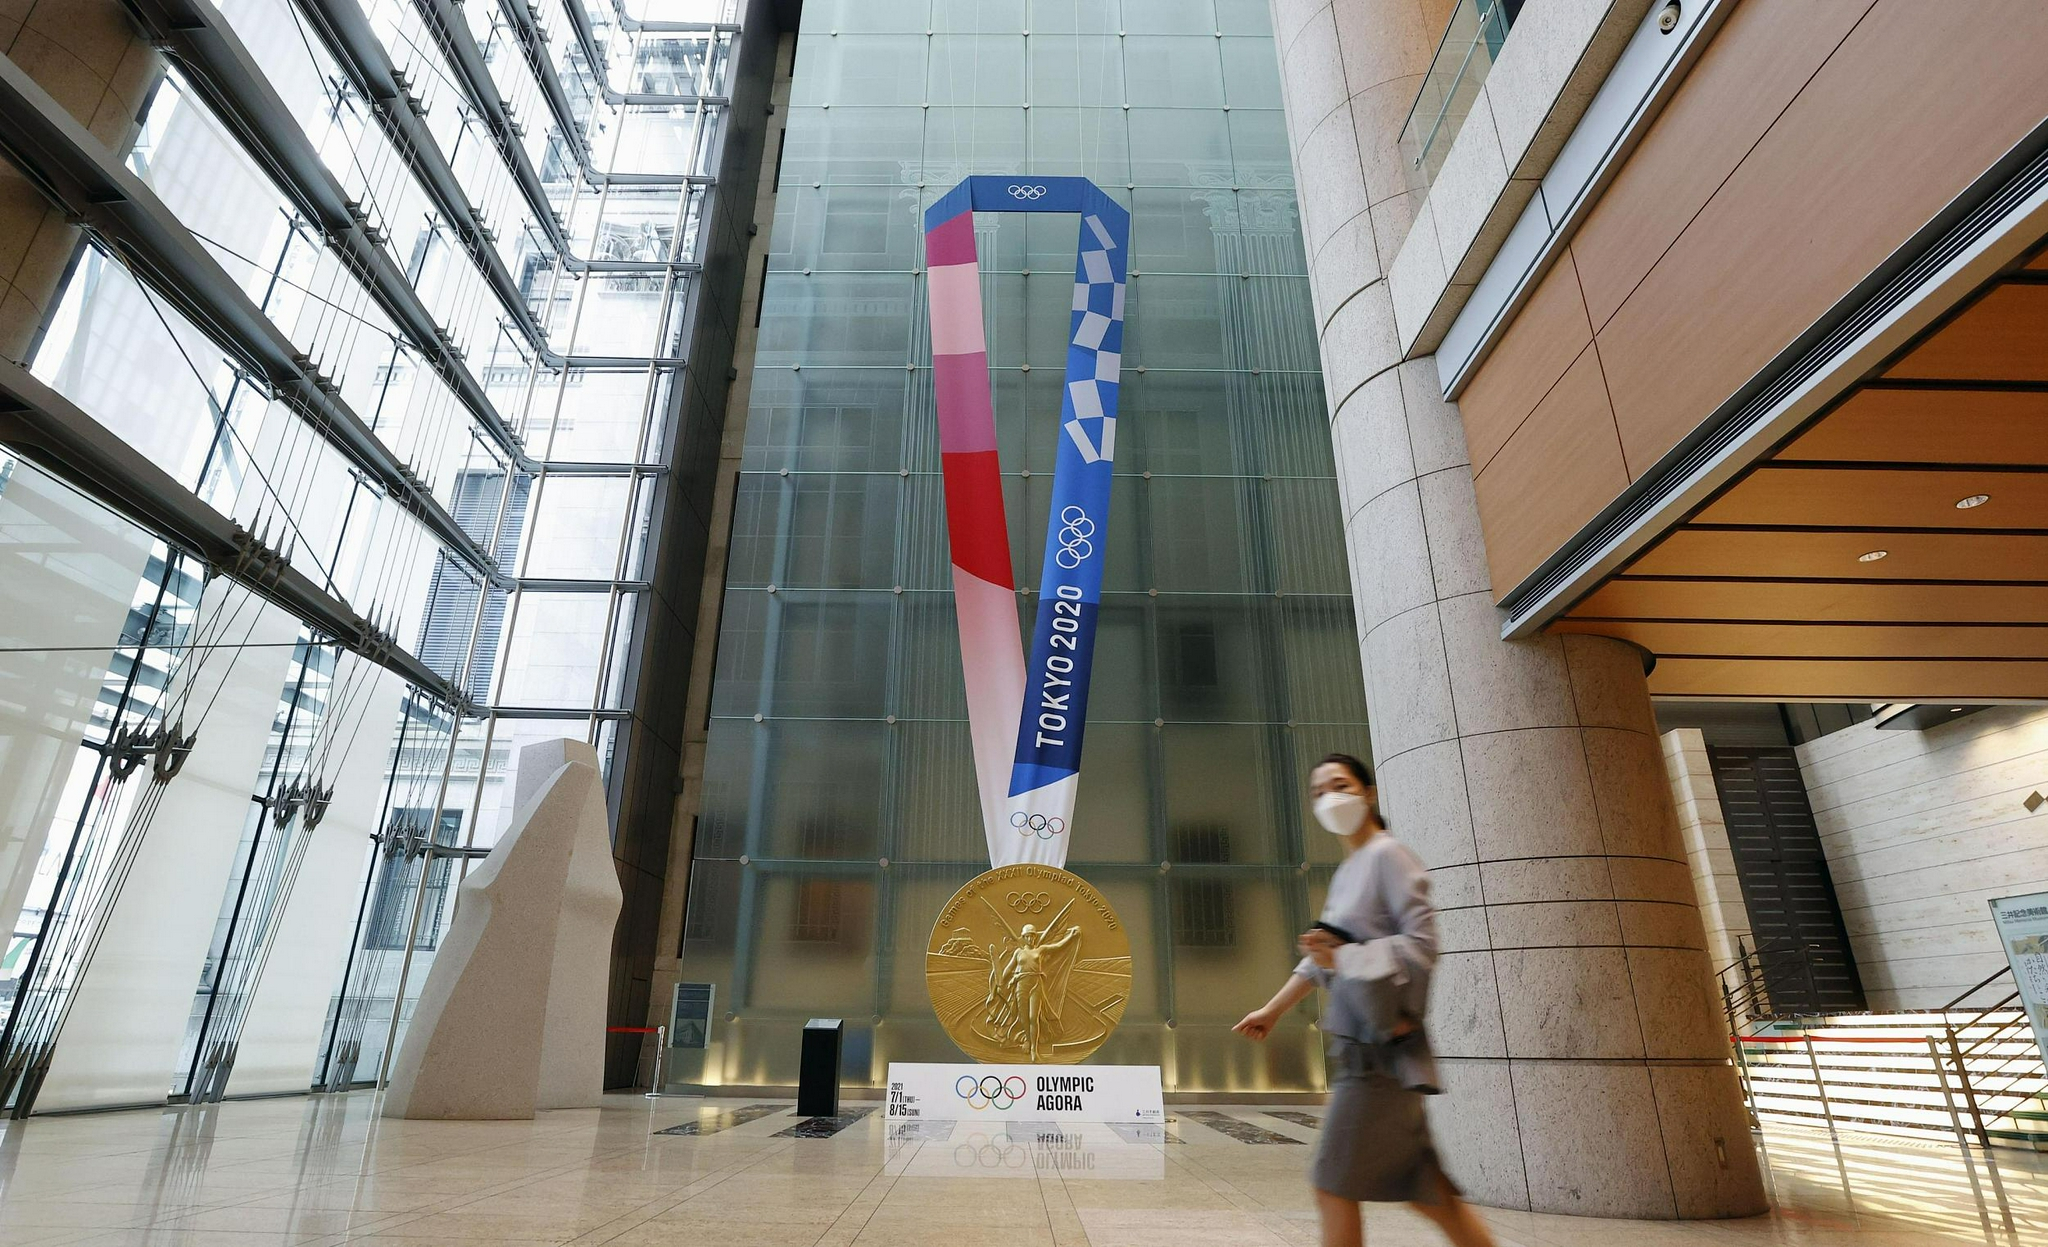 CPU的味道!东京奥运会奖牌竟是电子废品做的?